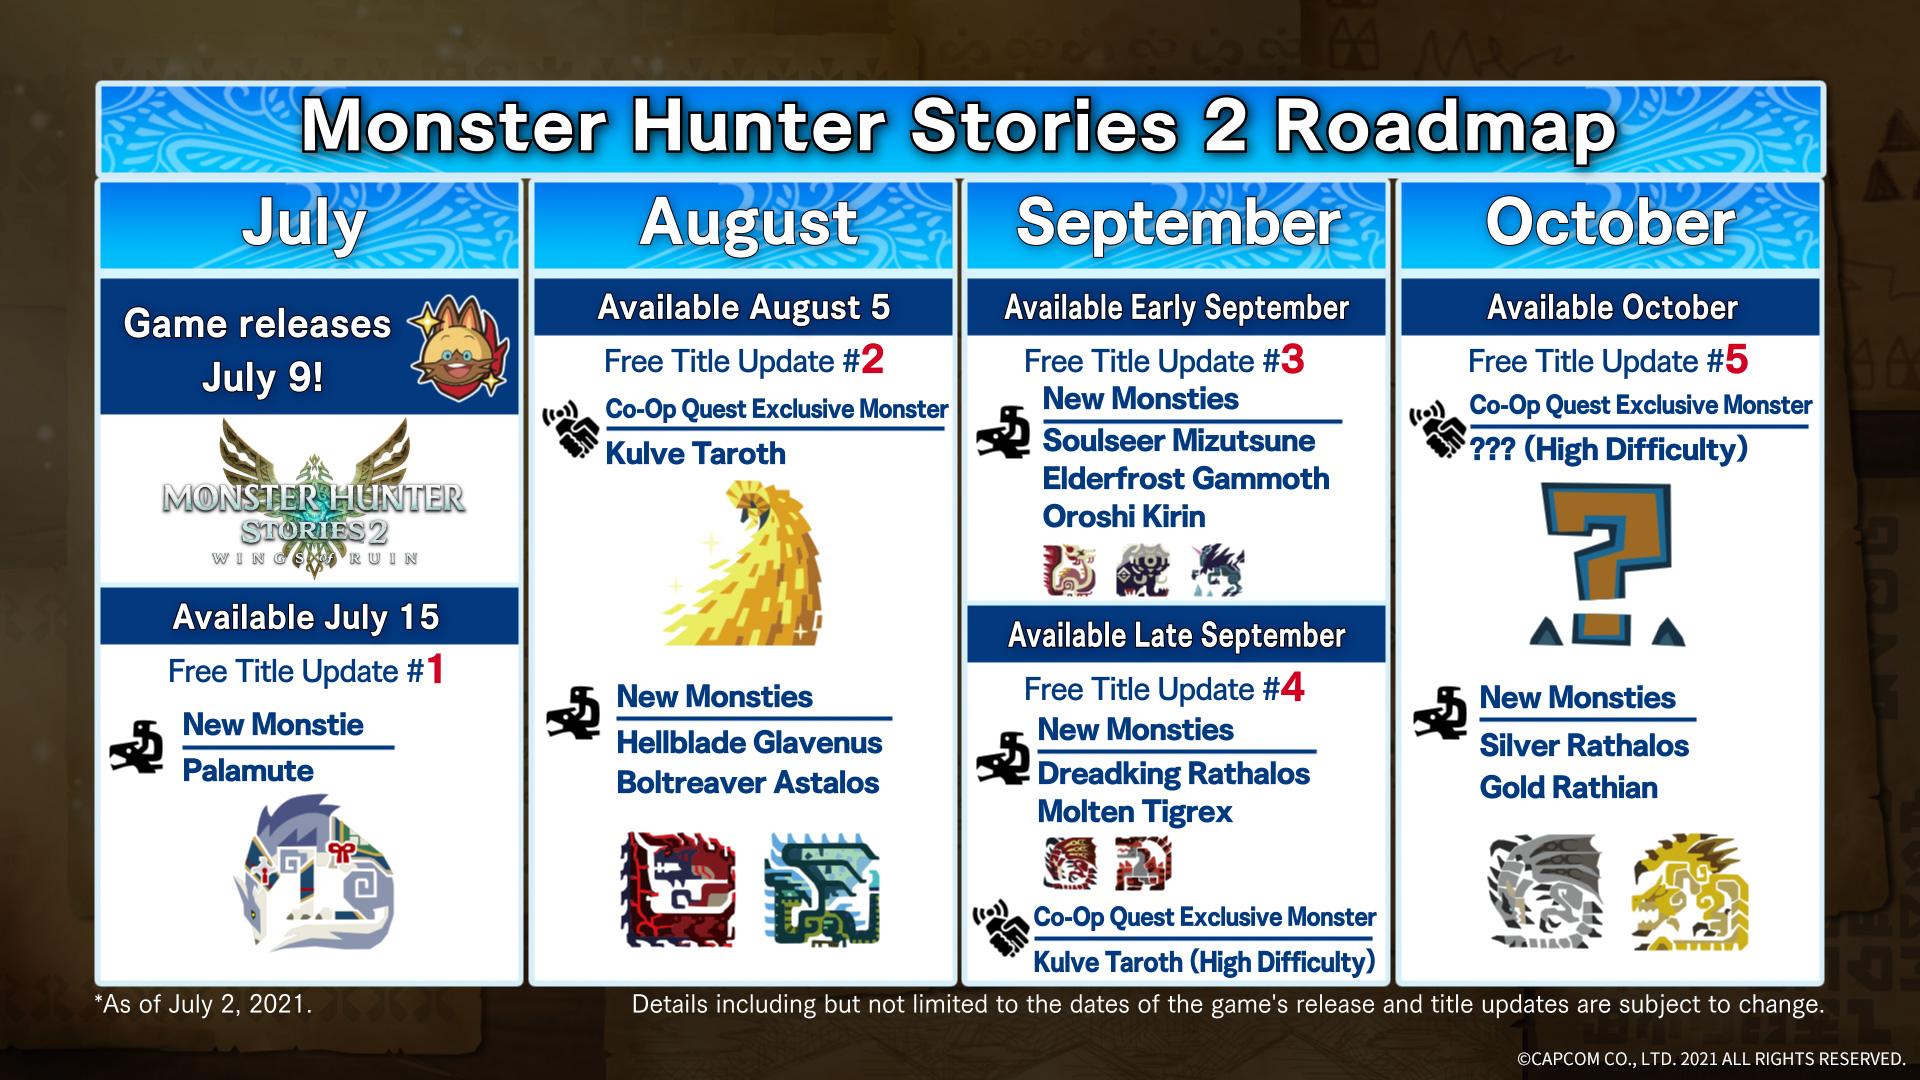 The update roadmap for Monster Hunter Stories 2